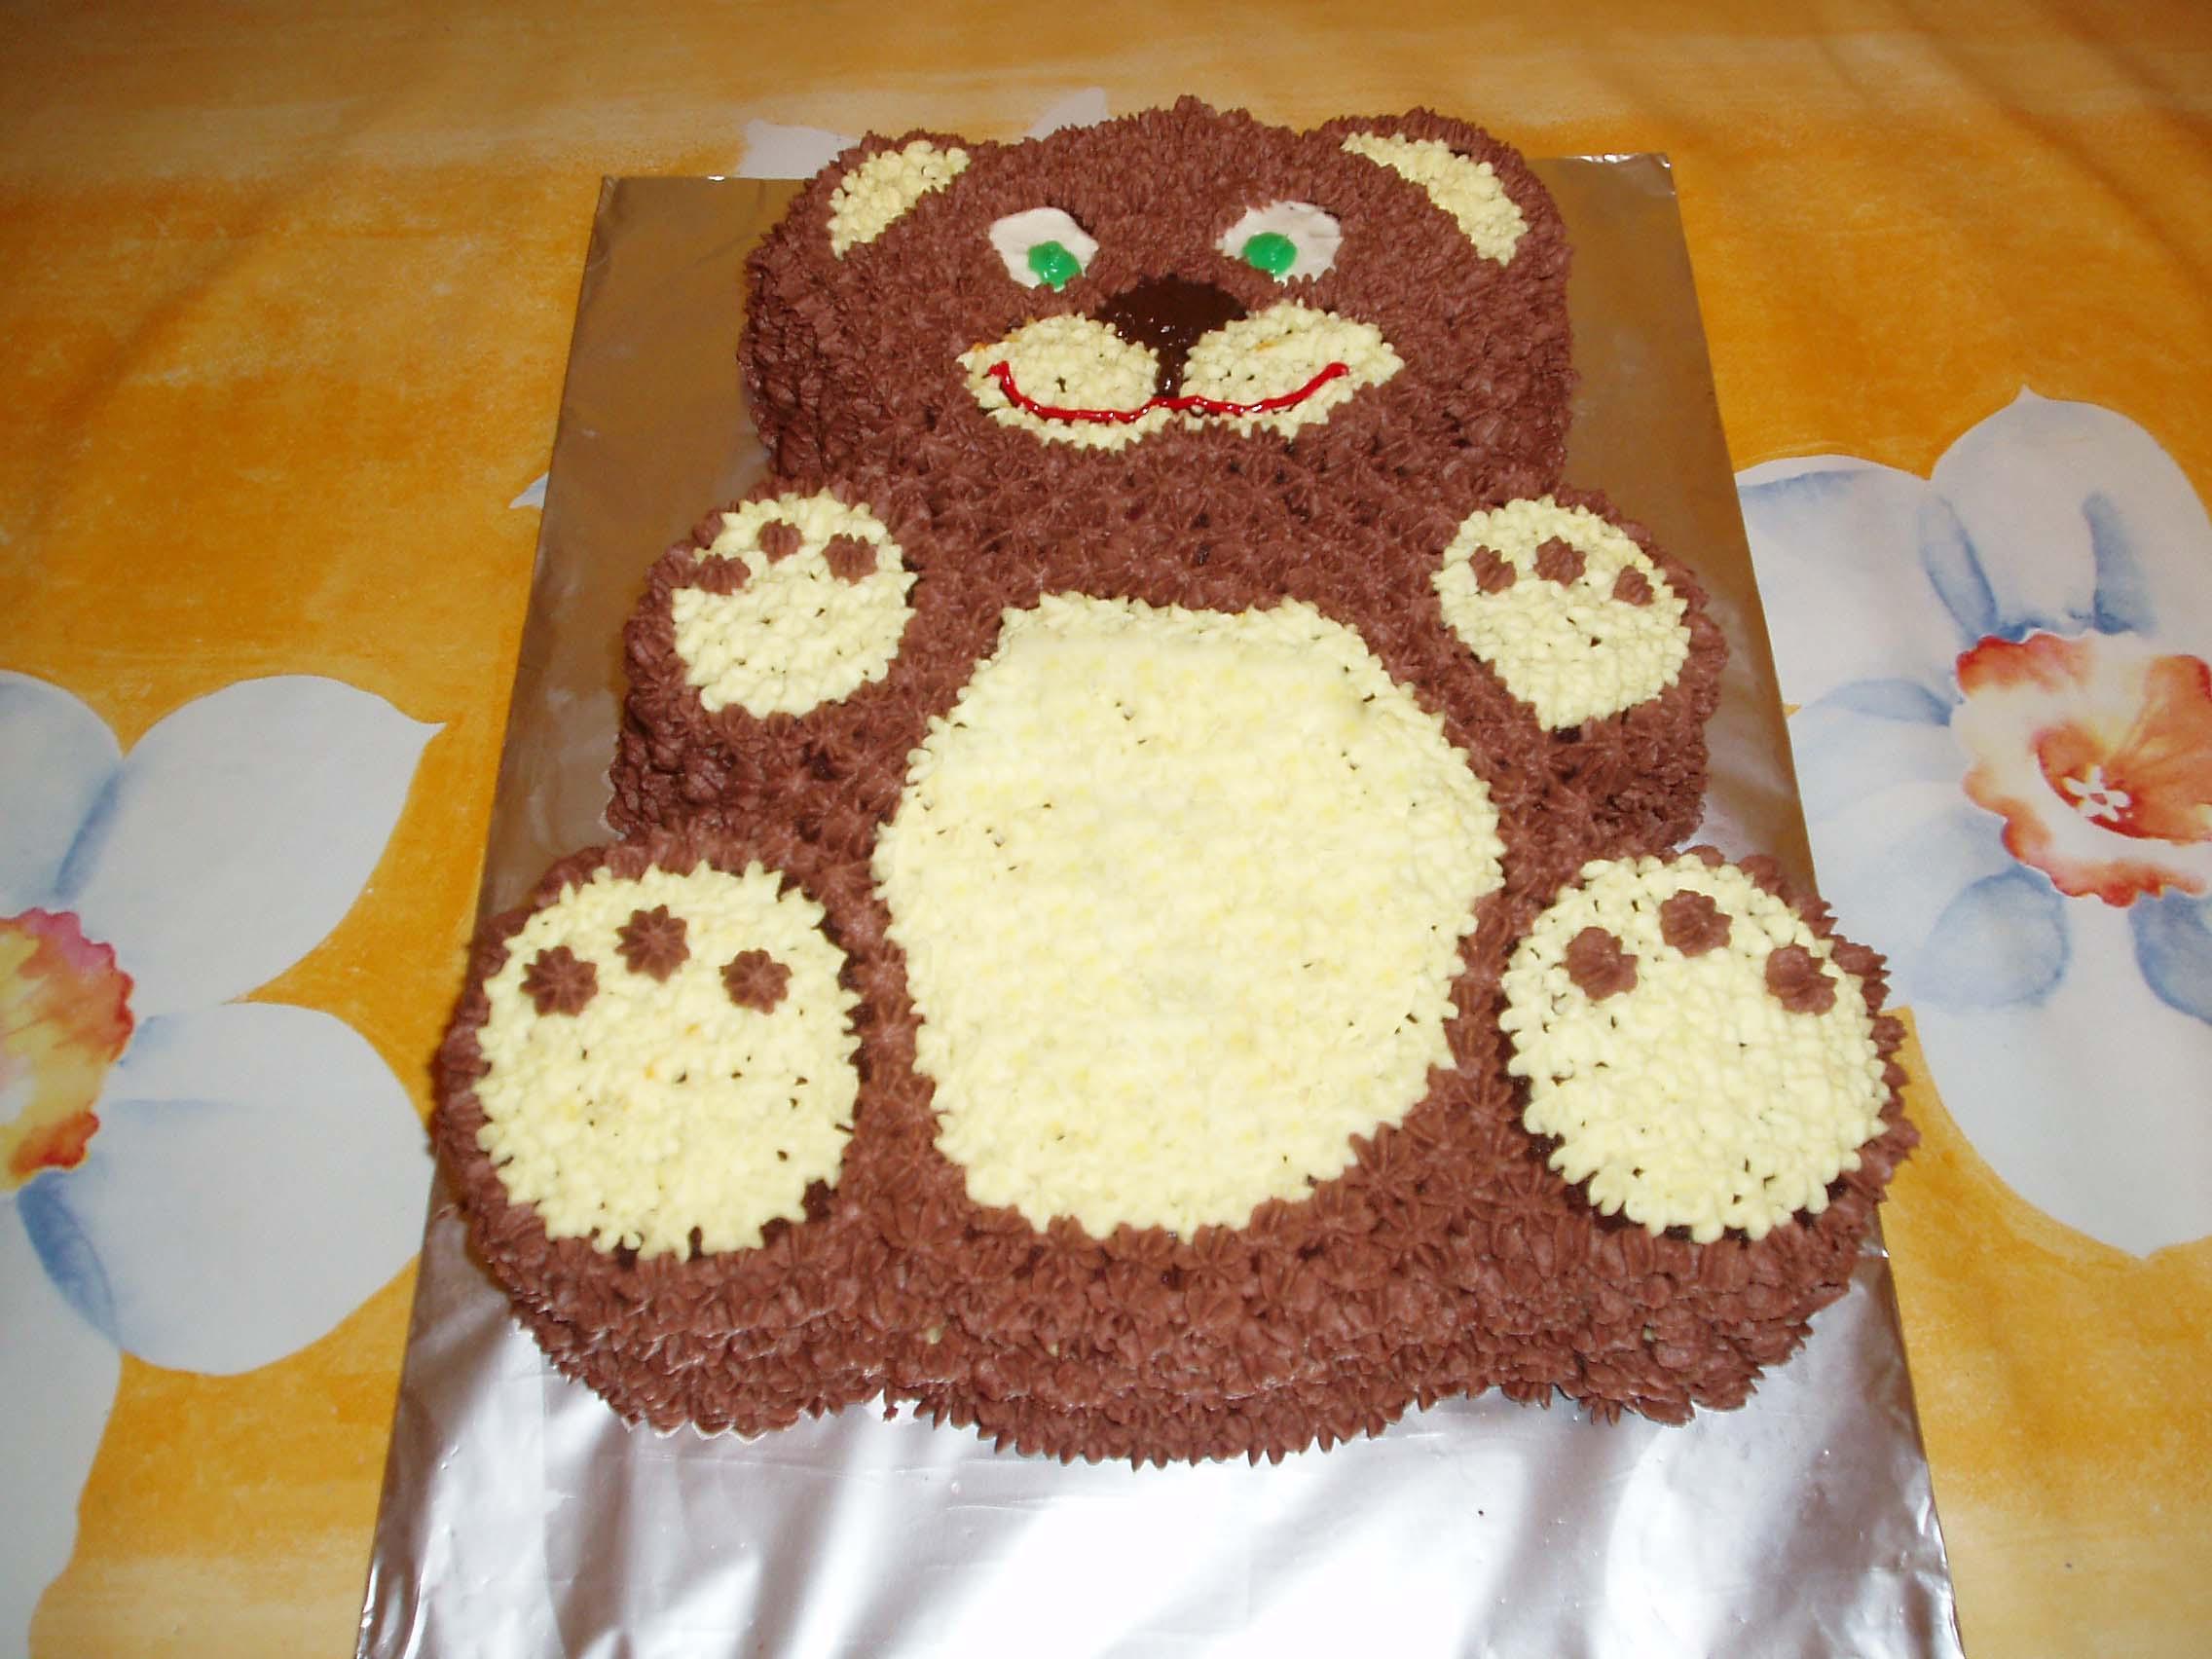 Как сделать торт мишку своими руками - Простые рецепты вкусных десертов 83